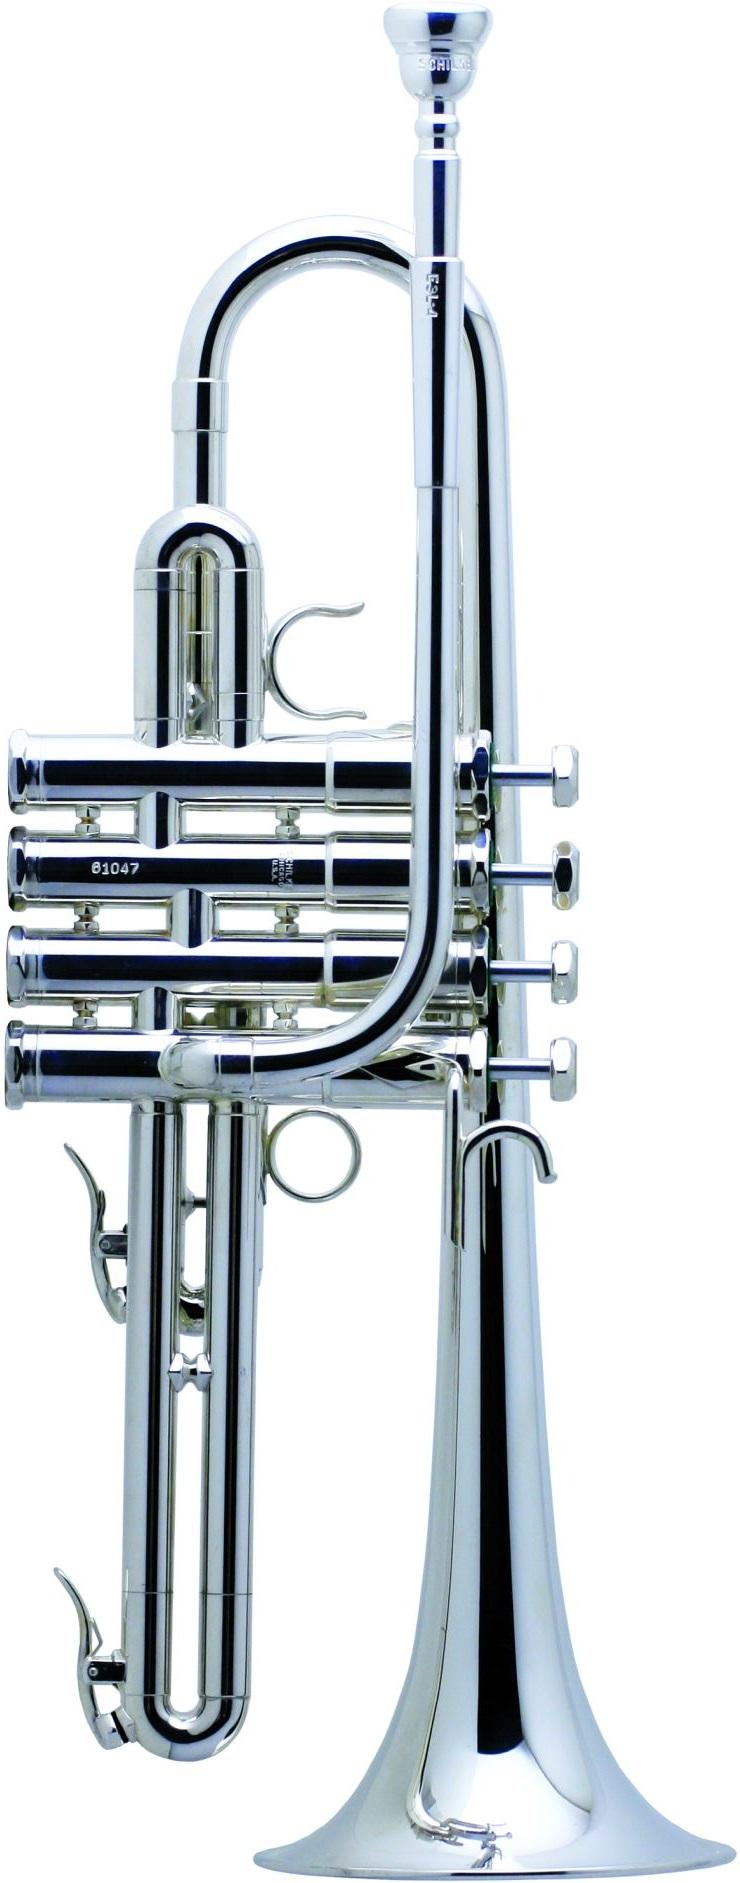 Schilke - E3L-4 - Blechblasinstrumente - Trompeten mit Perinet-Ventilen | MUSIK BERTRAM Deutschland Freiburg